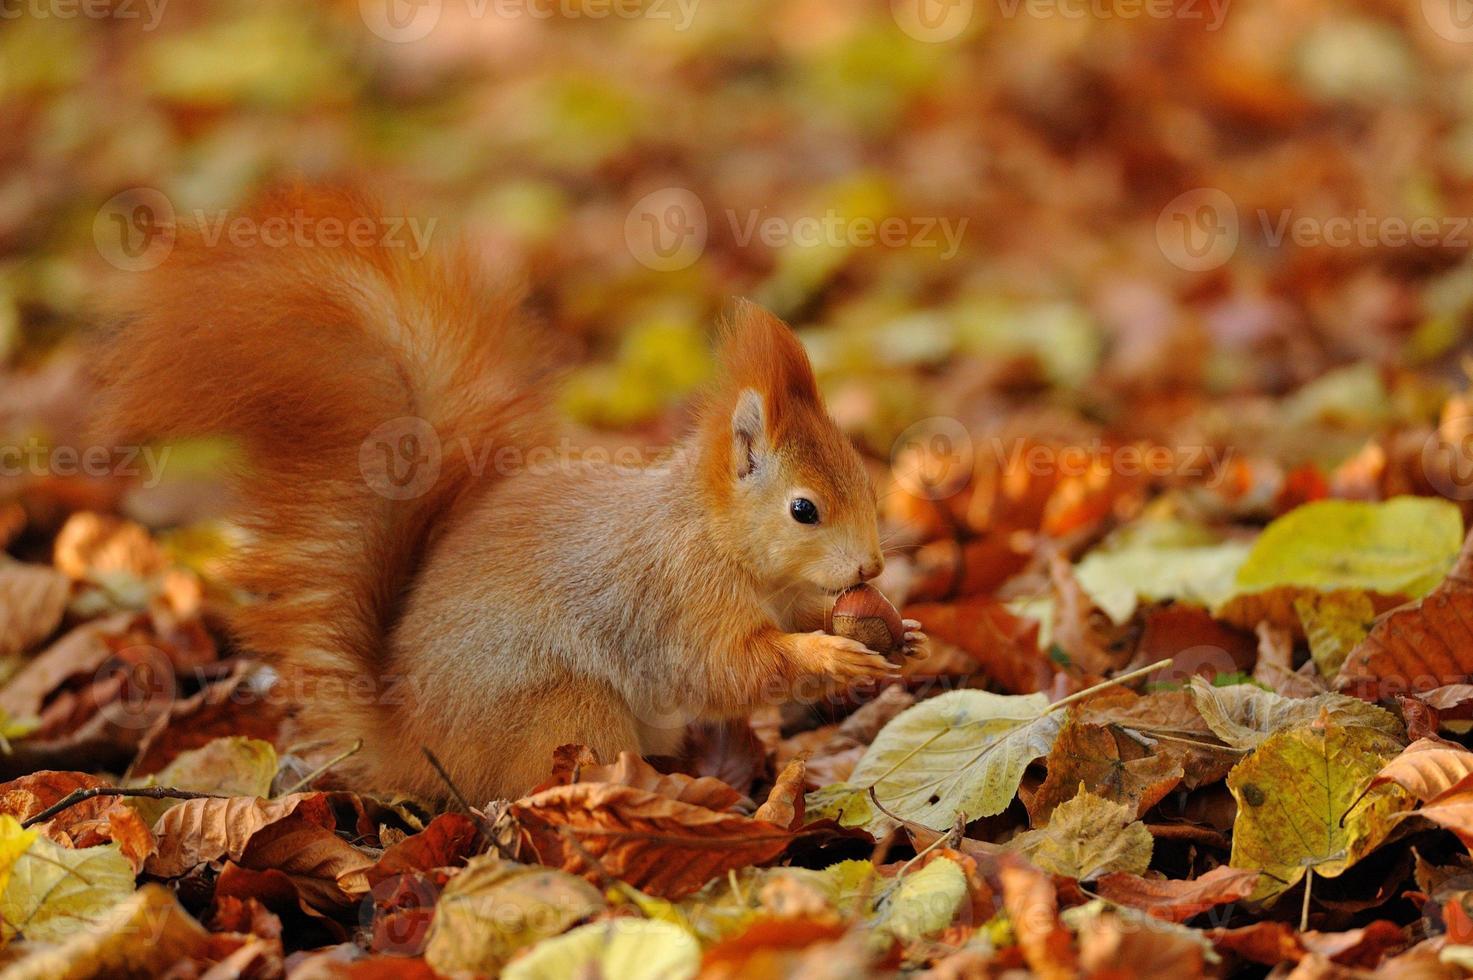 ardilla roja de pie con avellana en hojas de colores foto